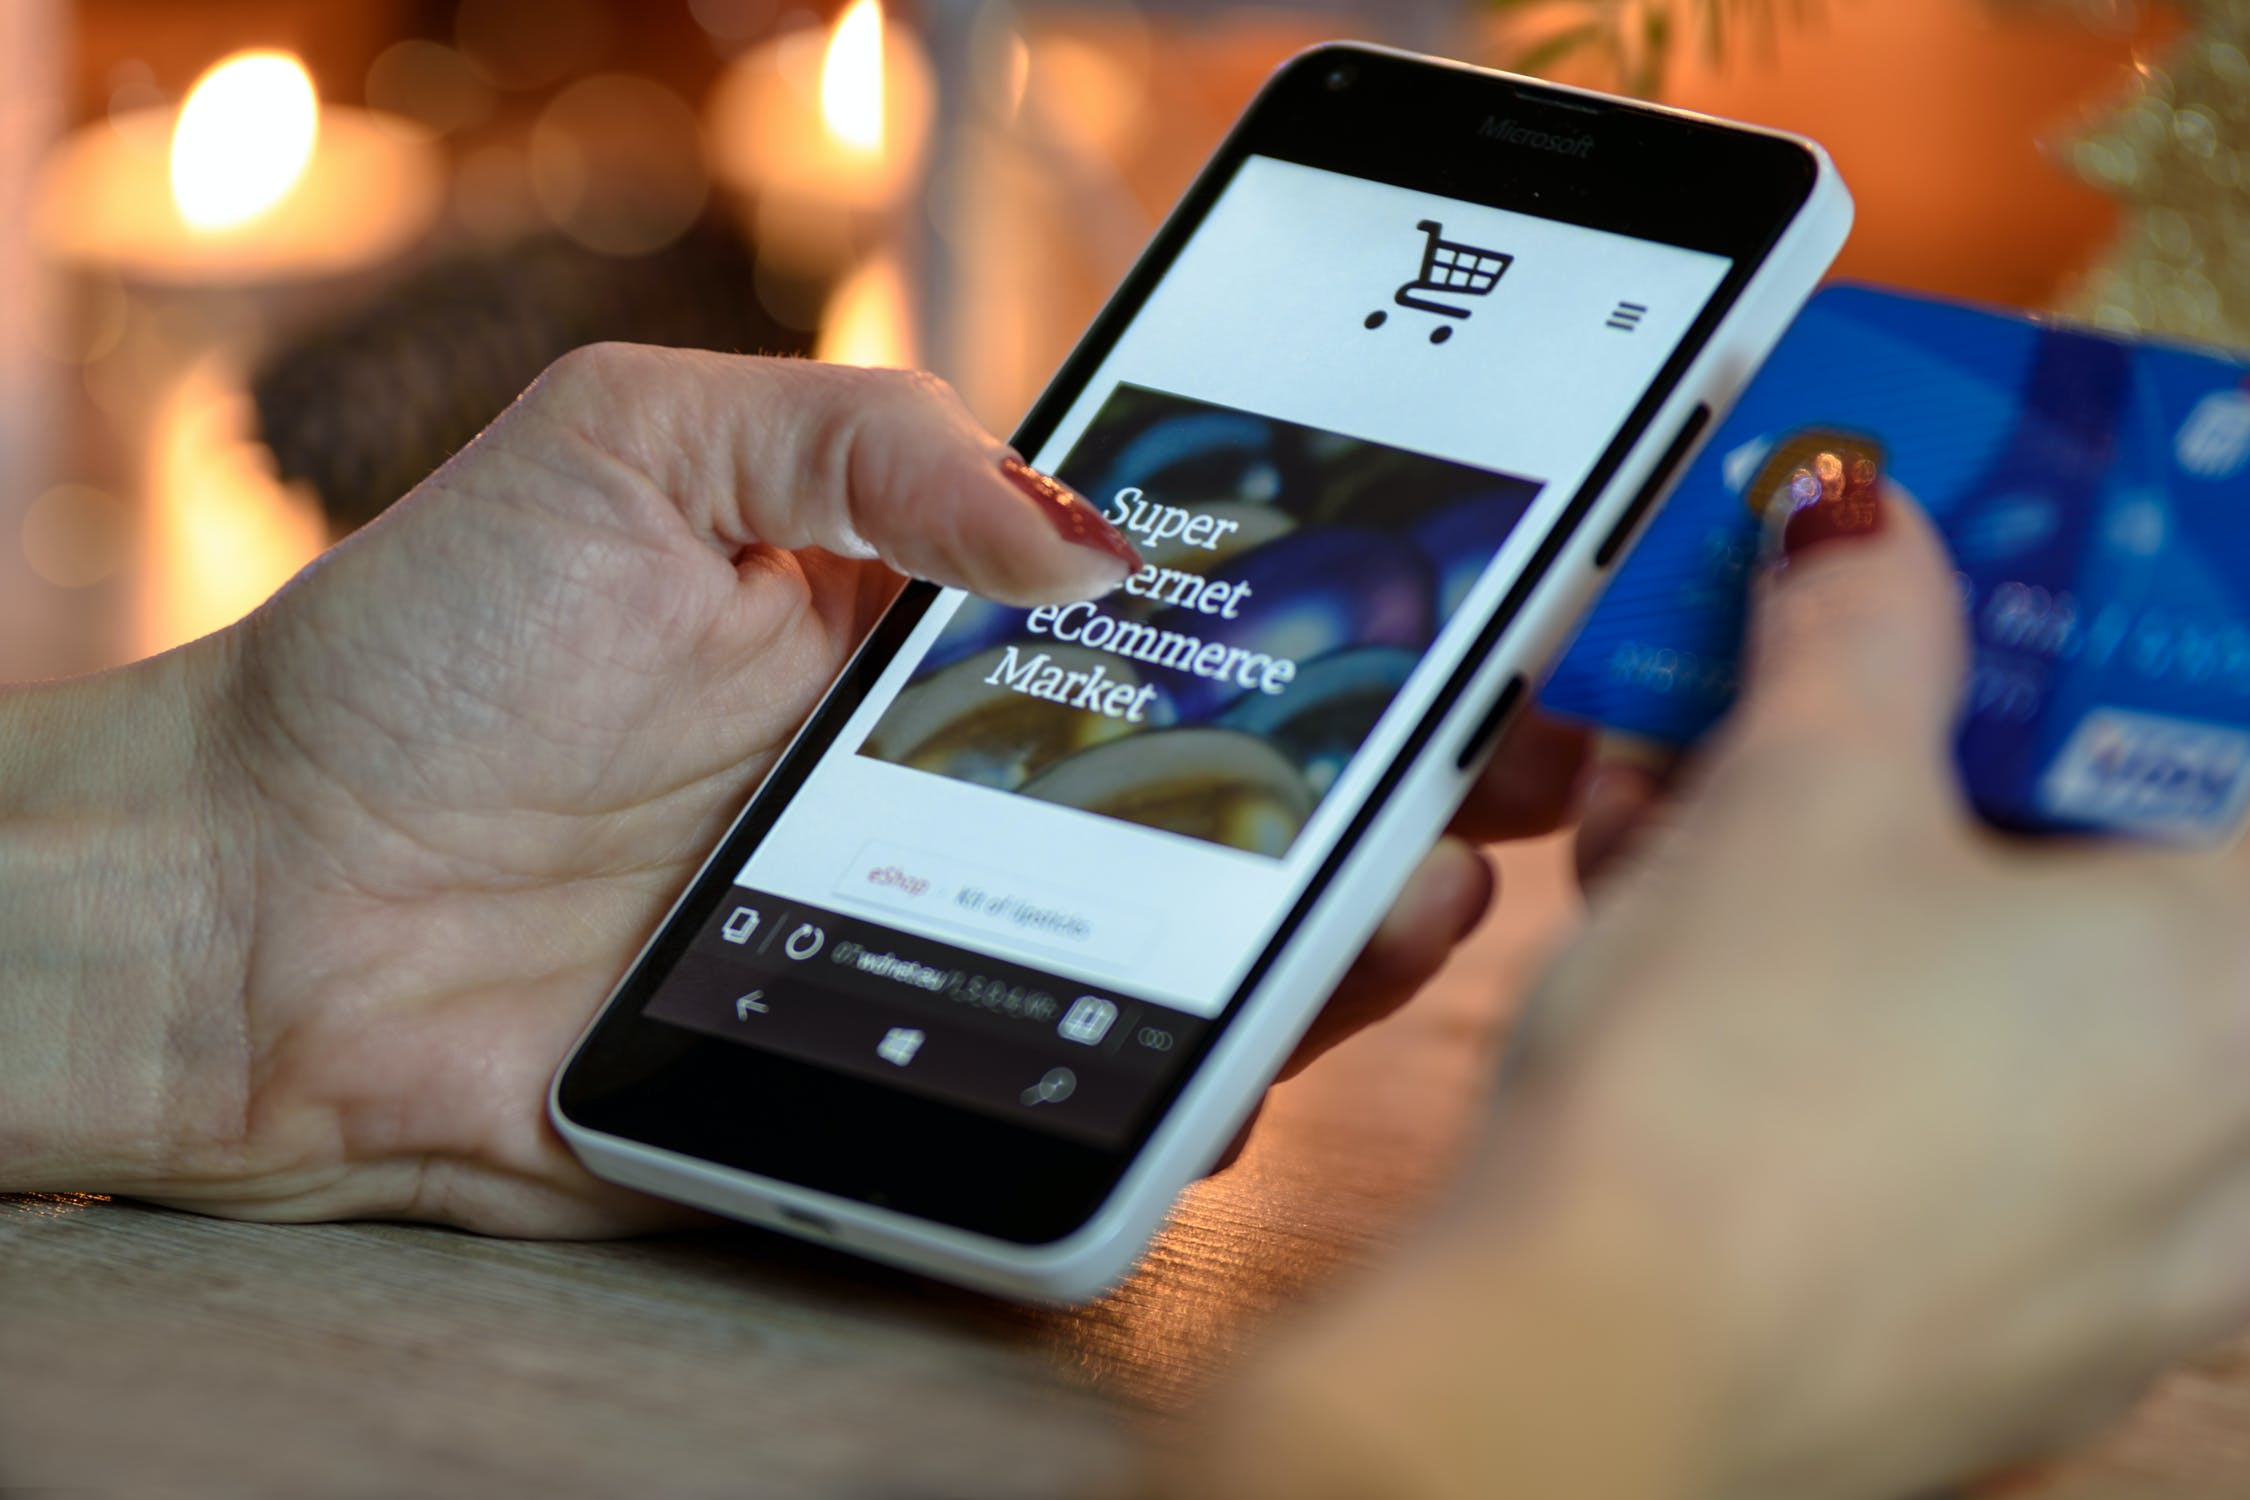 una mujer sosteniendo un celular y una tarjeta de crédito